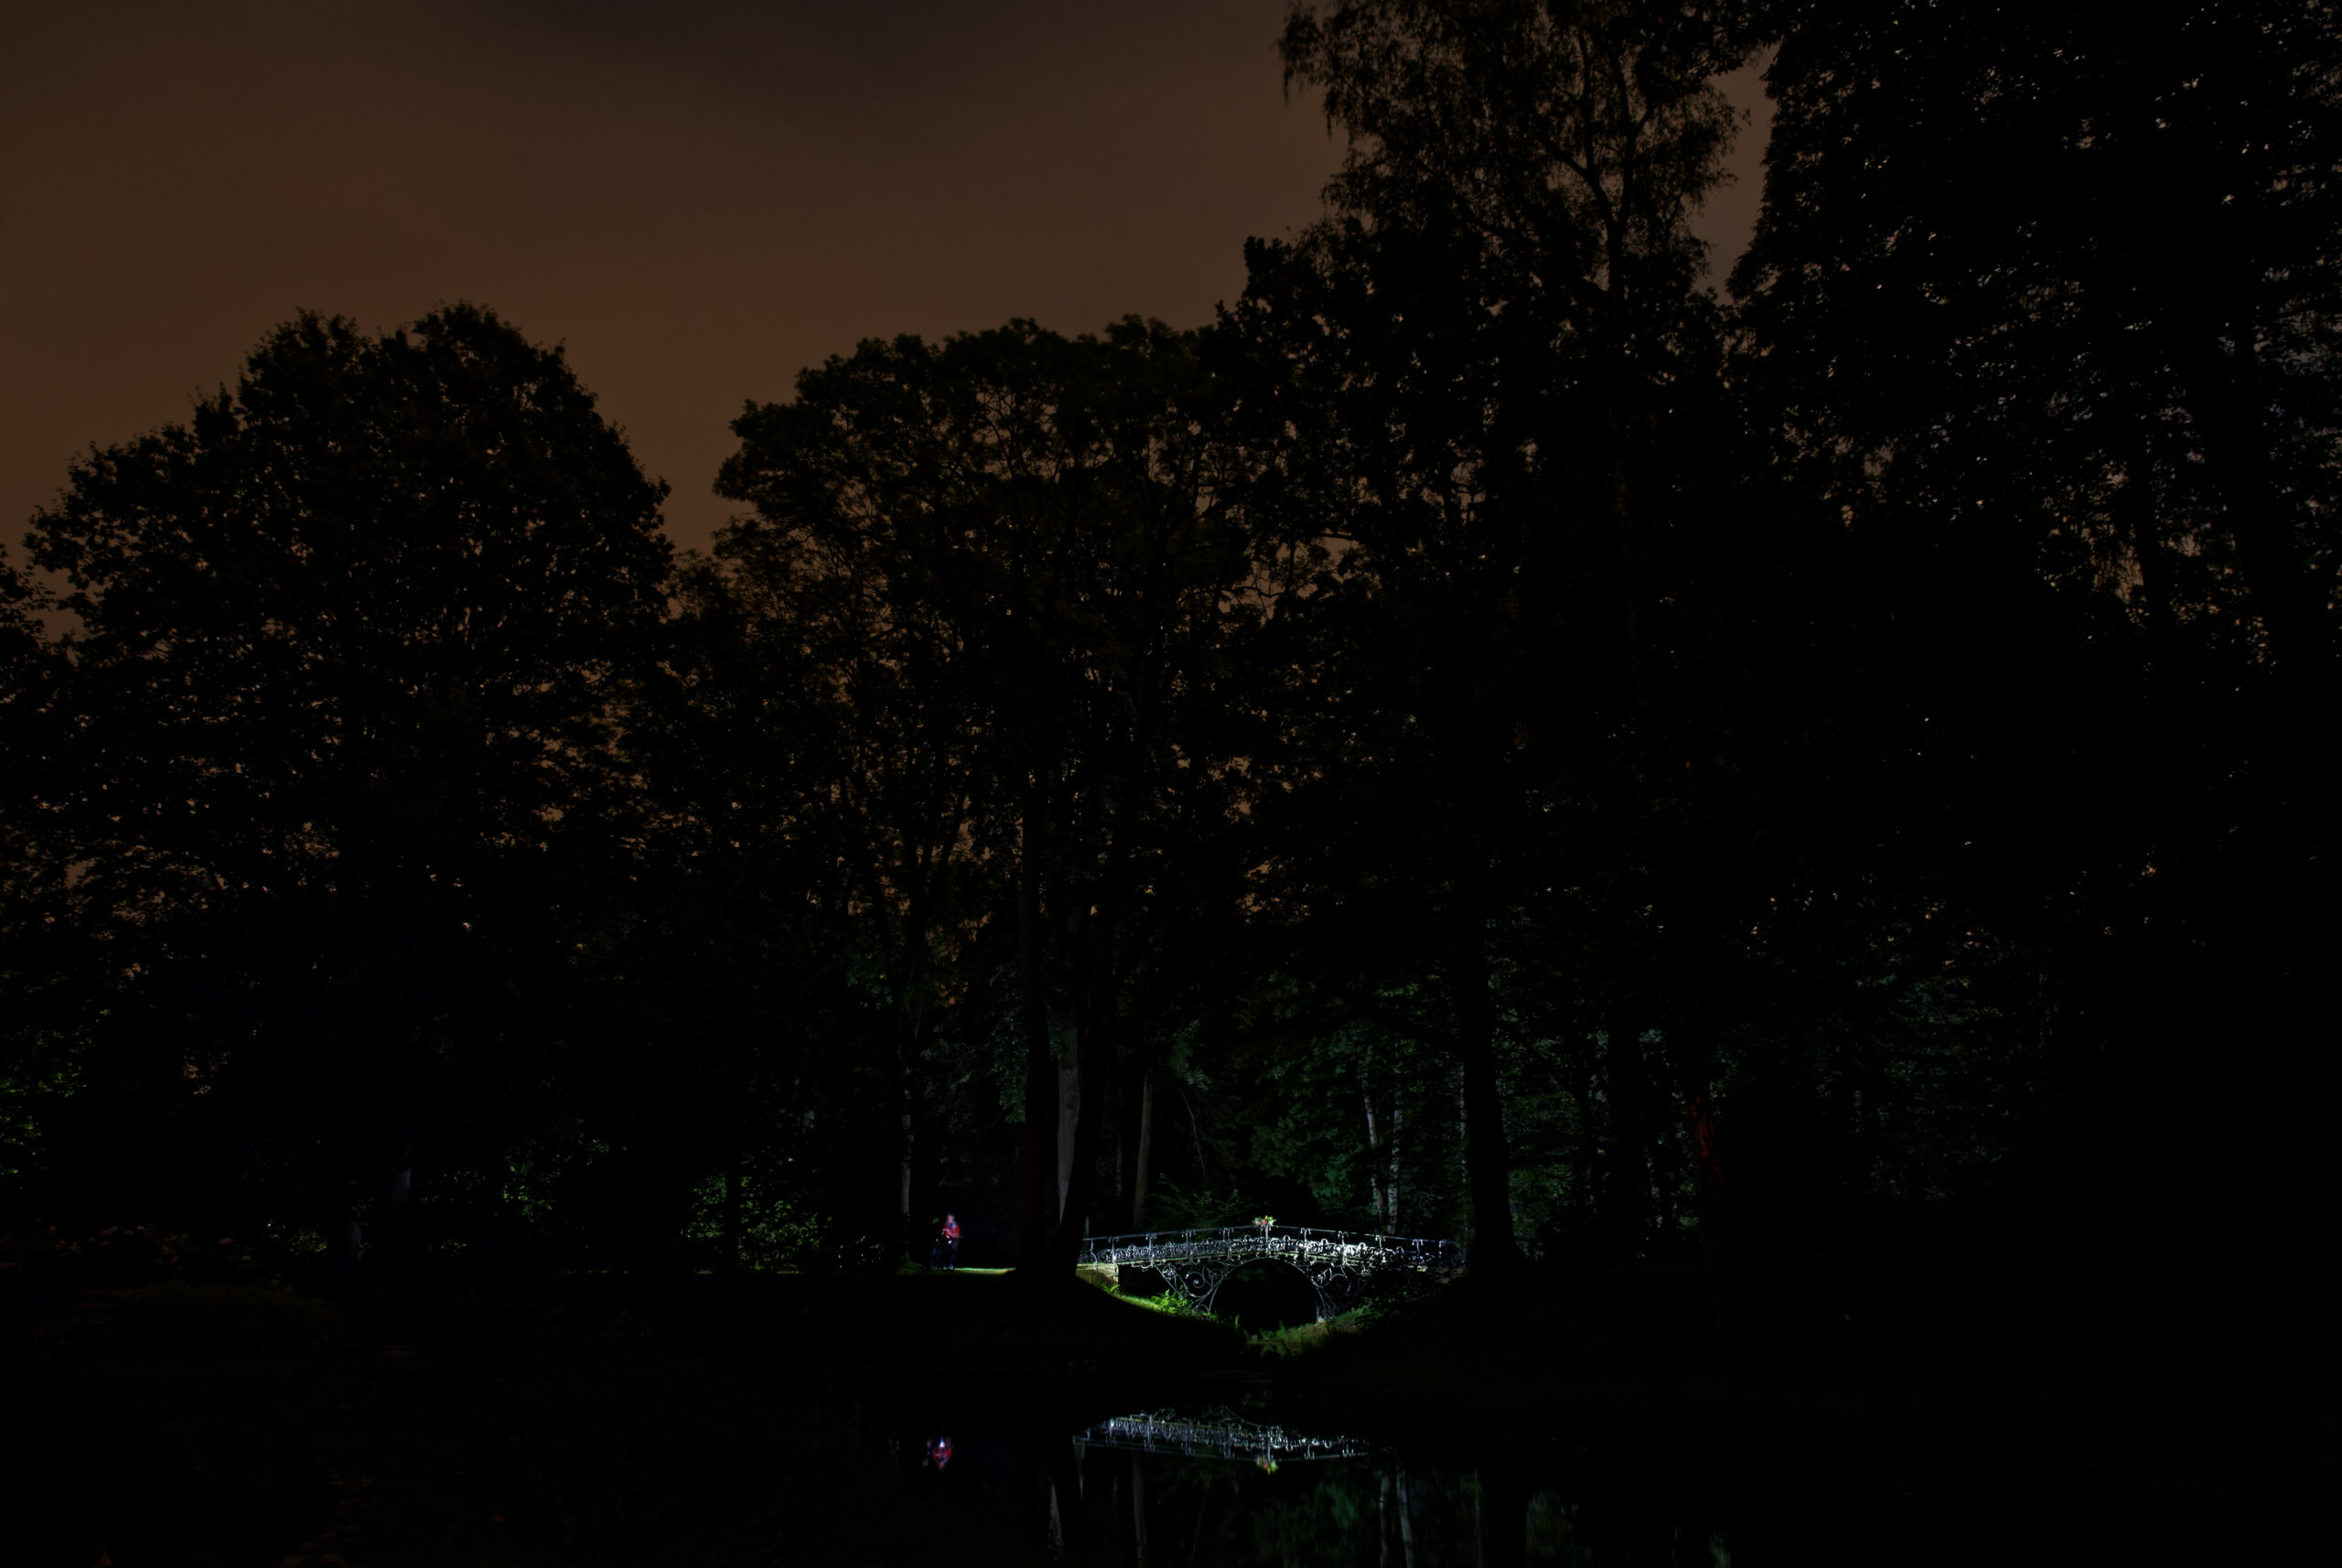 Matthias - Eiserne Brücke Ohlsdorfer Friedhof 17.09.2021 - Ohlsdorfer Friedhof Fußgängerbrücke Südteich